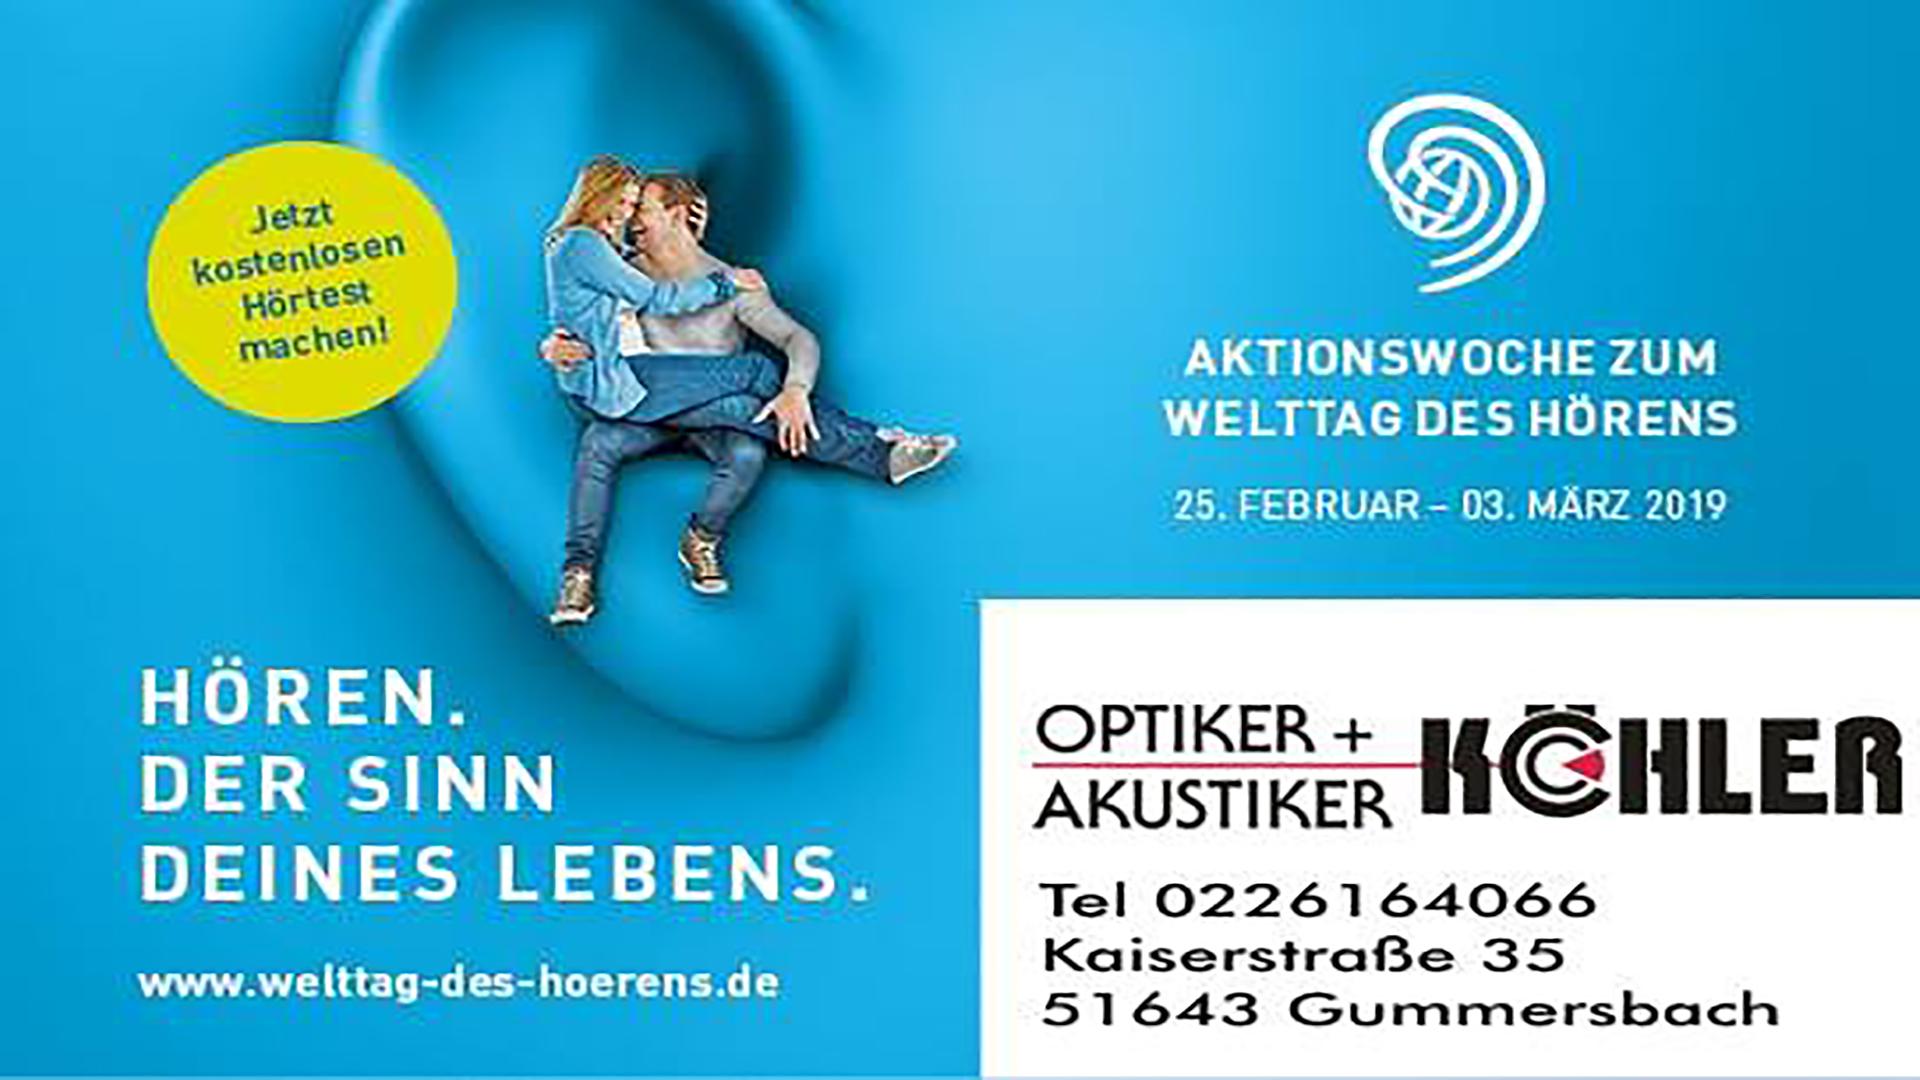 Optiker Köhler | Welttag des Hörens